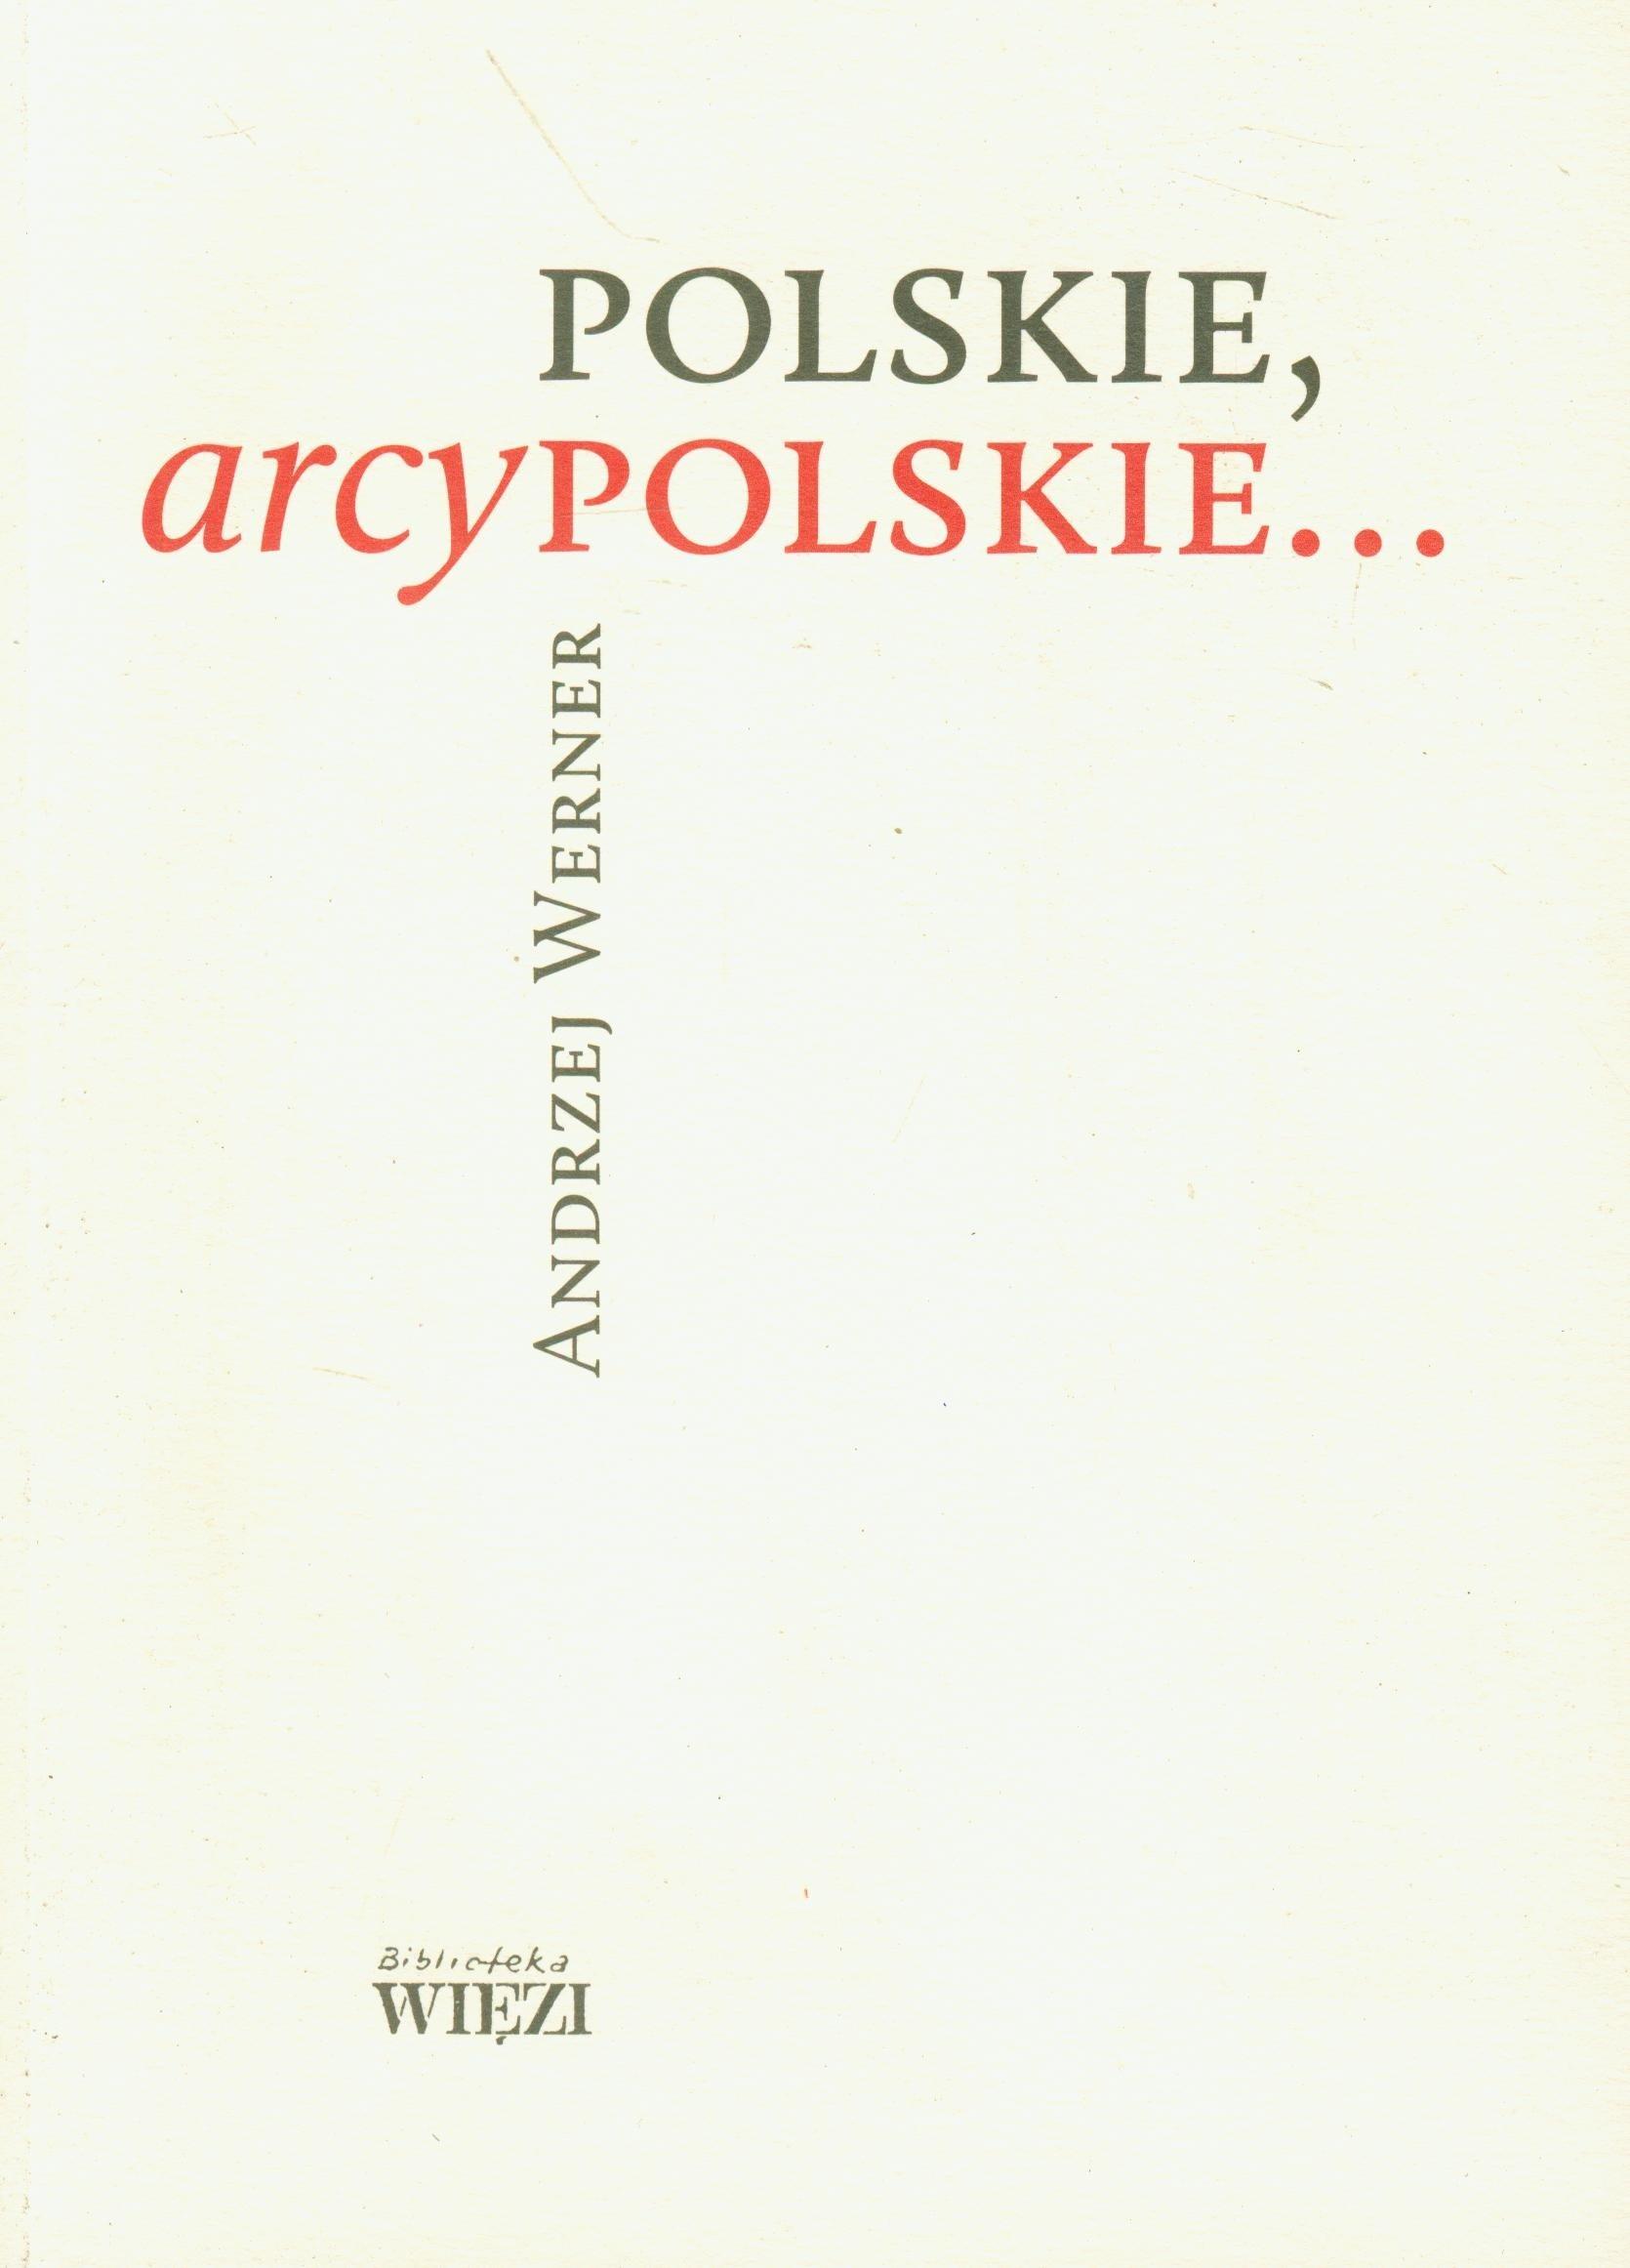 Polskie, arcypolskie (polish): Werner Andrzej